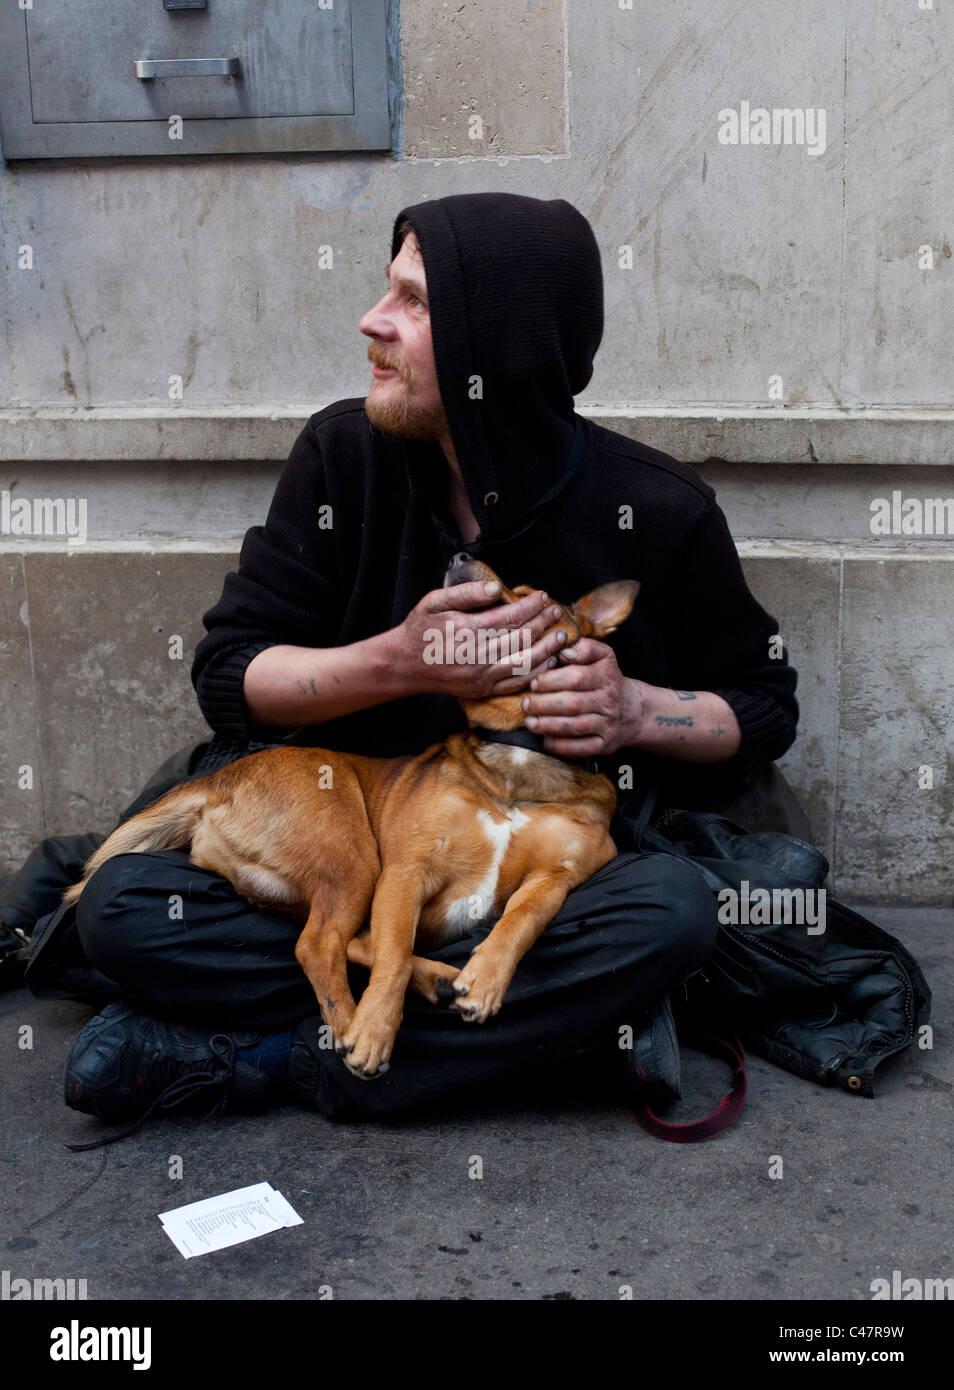 Un hombre sin hogar pidiendo dinero en el pavimento y la celebración de su mascota, Londres, Inglaterra, Reino Imagen De Stock